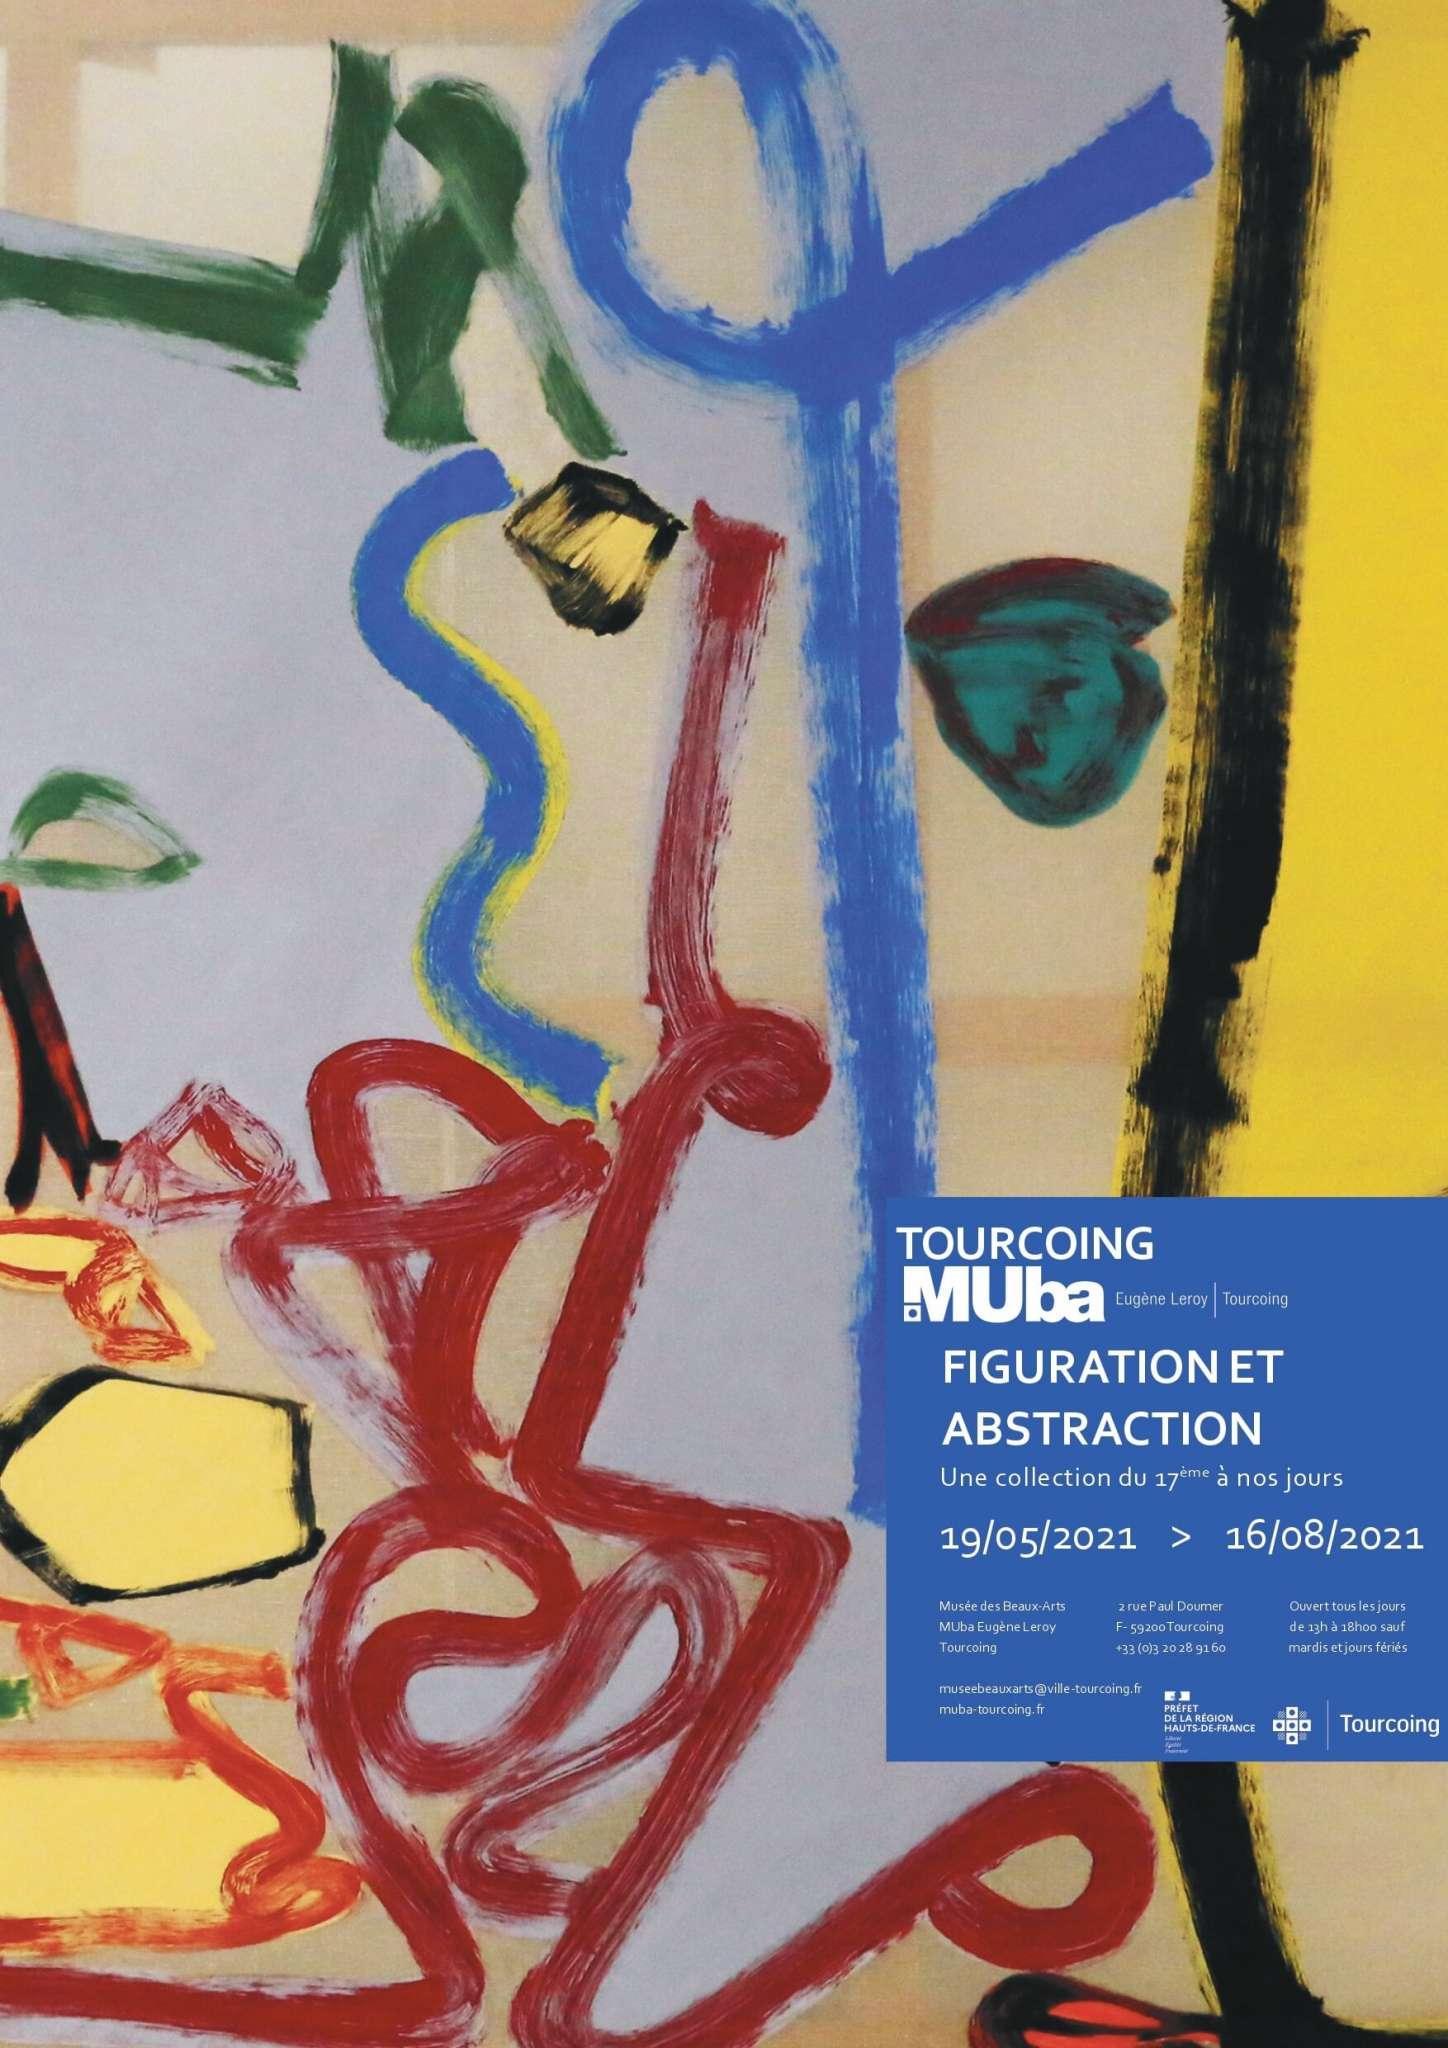 affiche-figuration-et-abstraction-muba